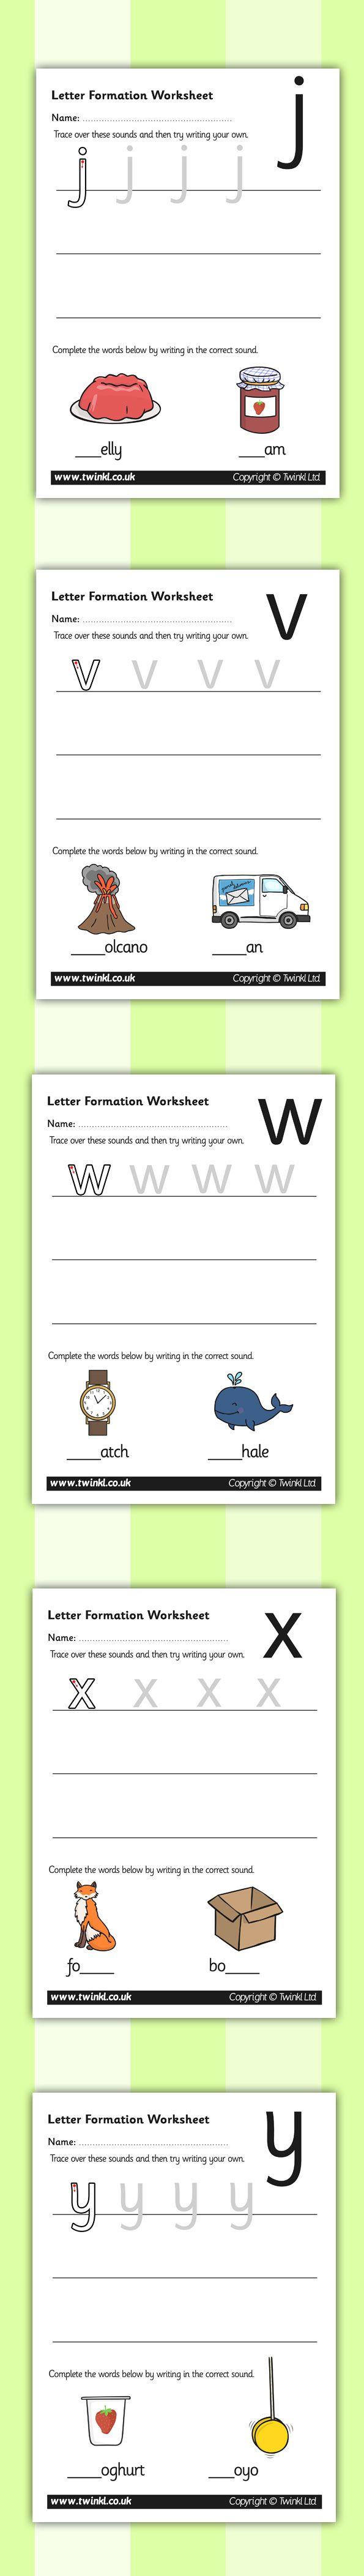 Online letter writing service ks1